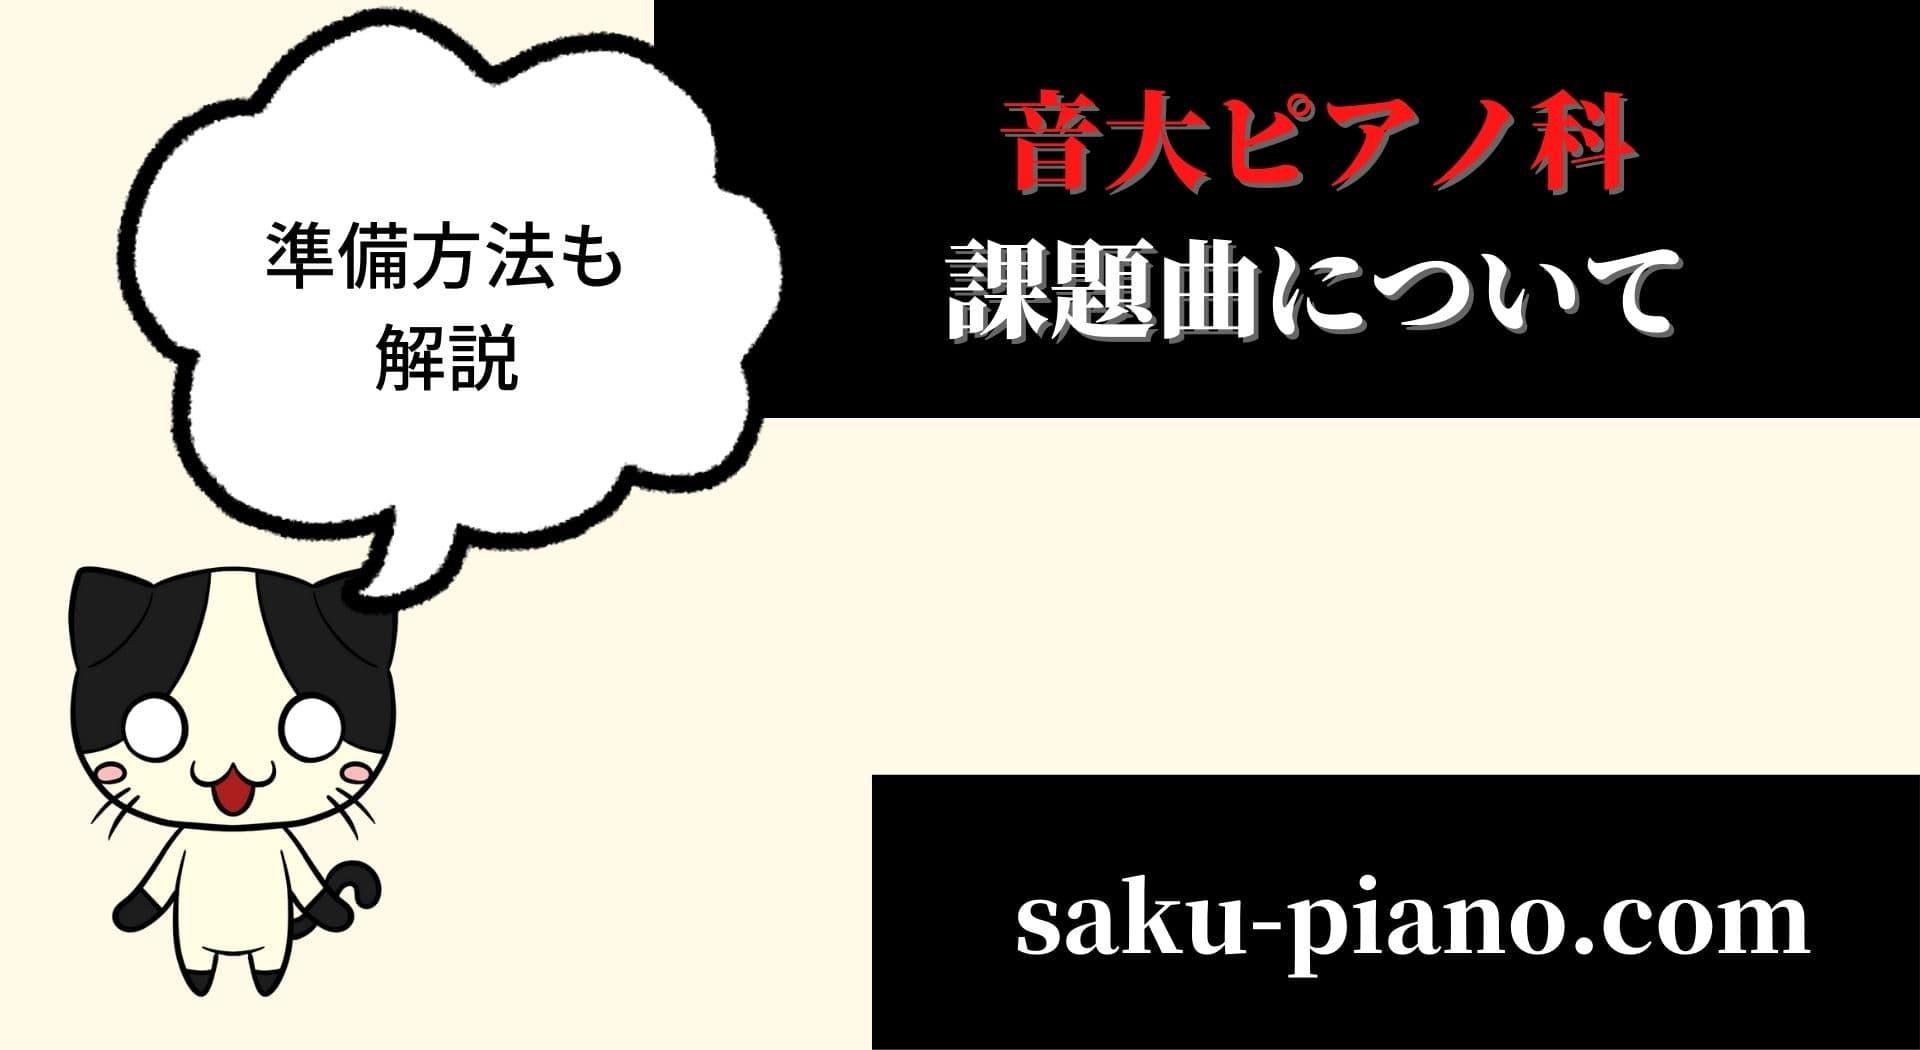 「音大ピアノ科受験に必要な課題曲とは!?(ピアニストが解説)」のアイキャッチ画像